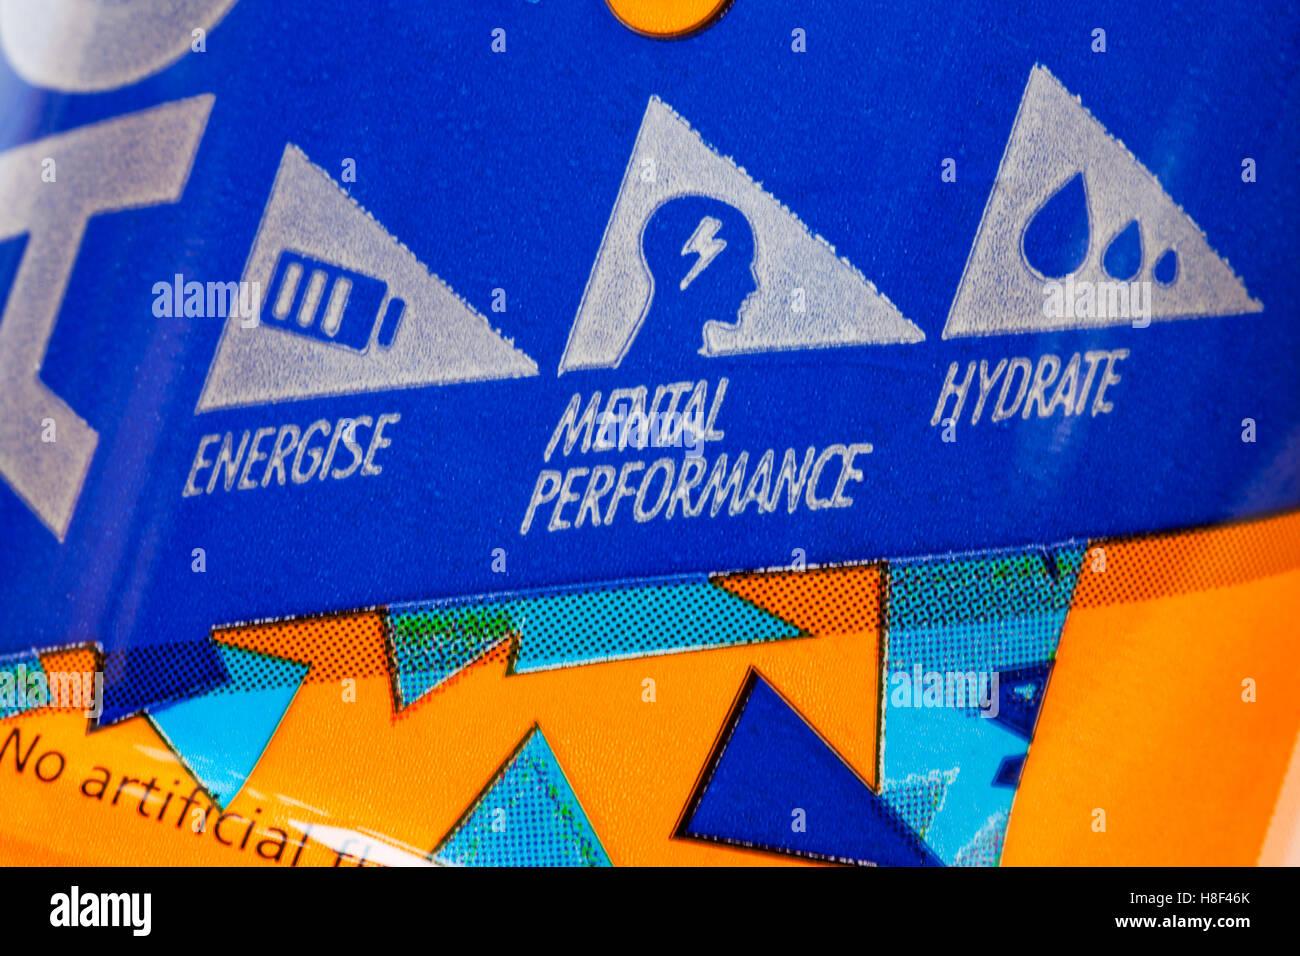 Dynamiser la performance mentale, hydrate, symboles sur une bouteille de boisson à l'orange isotonique Active Tesco Banque D'Images